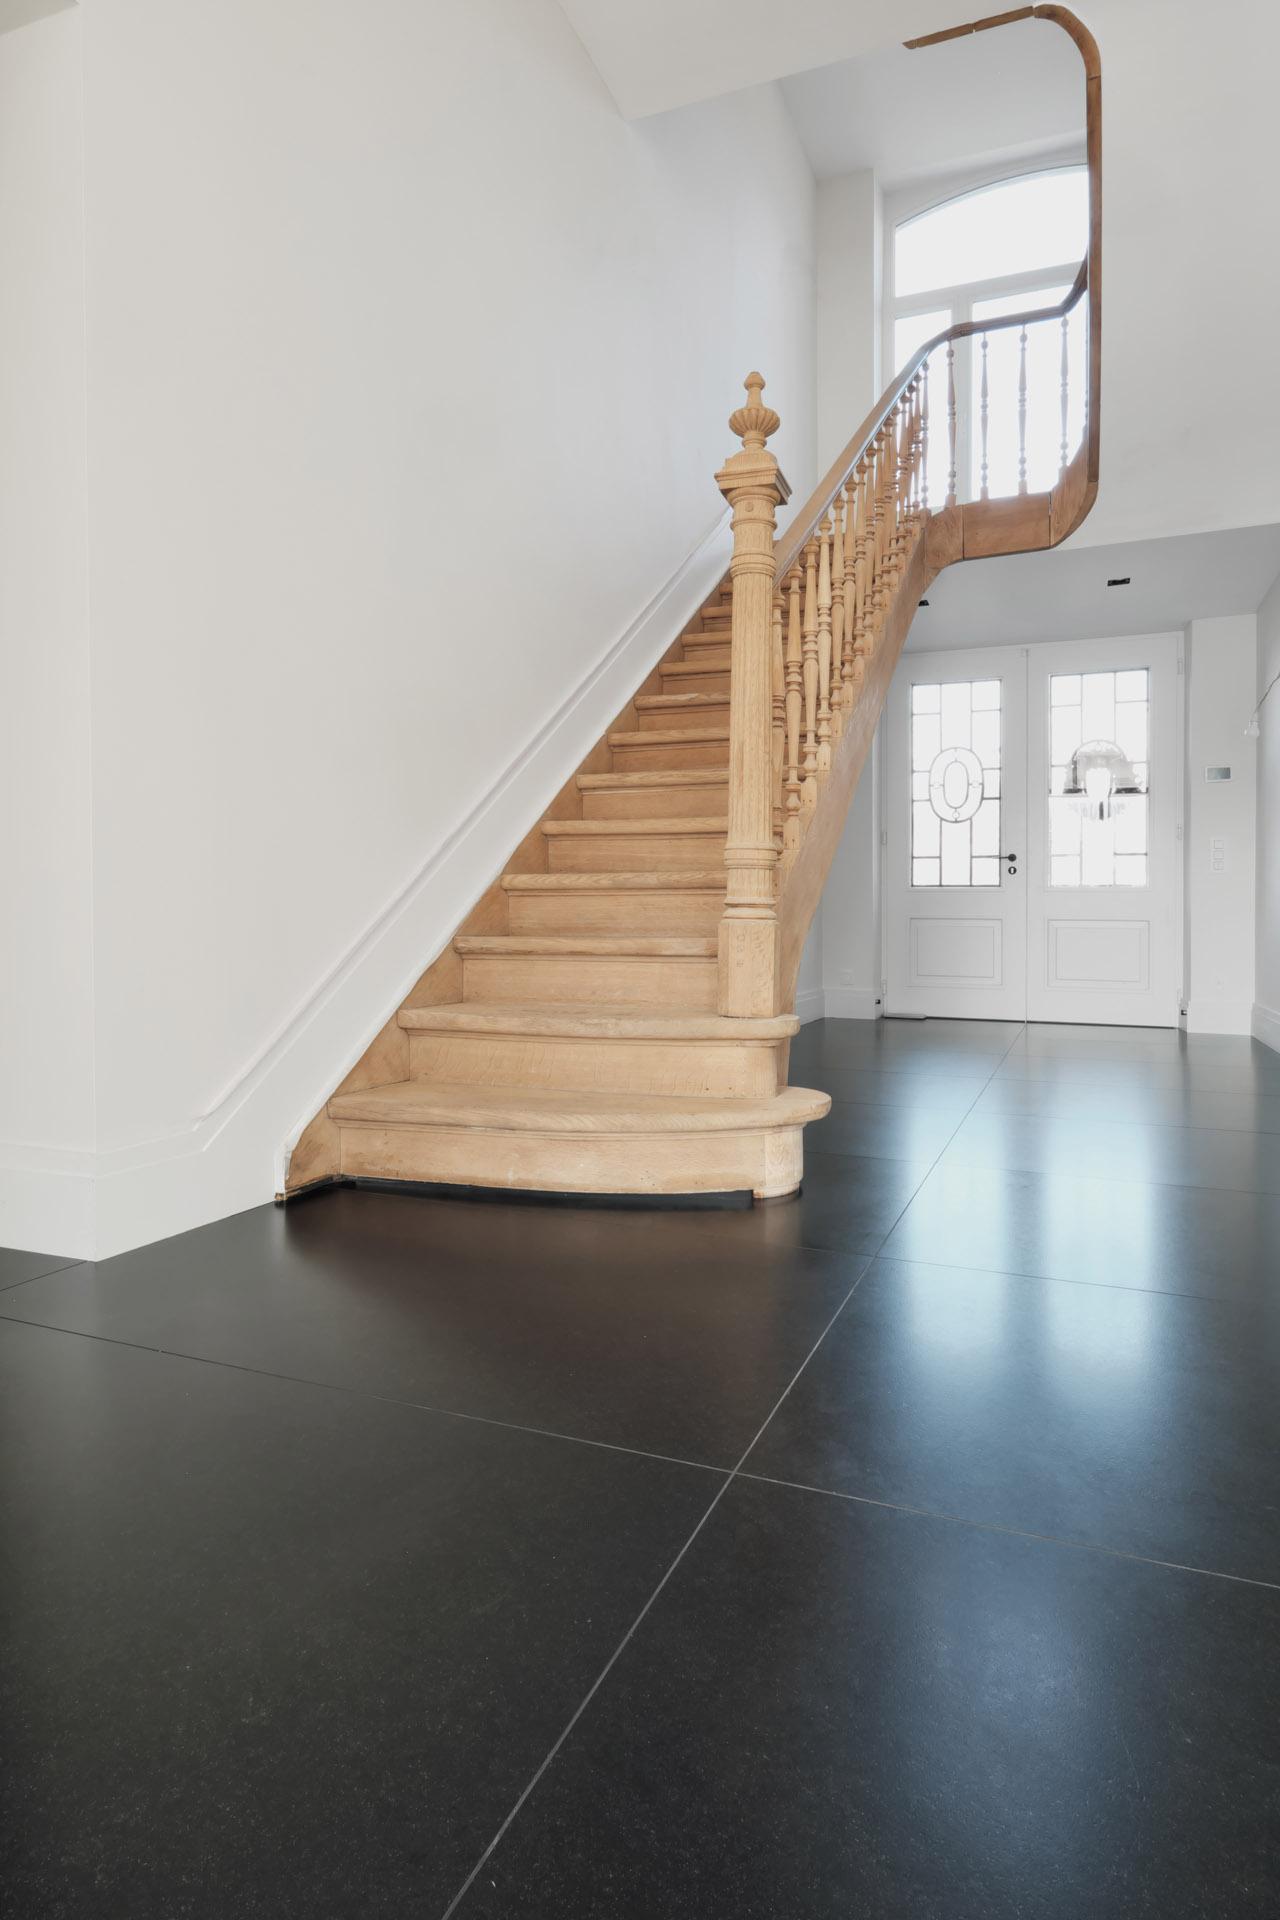 Schwarzer Stein Fußboden in zeitgenössischer Architektur - Fußböden nach Kundenwunsch in individuellen Formaten auf Maß - Wenige Fugen und Pflegeleichte Materialien für den exklusiven Fußboden